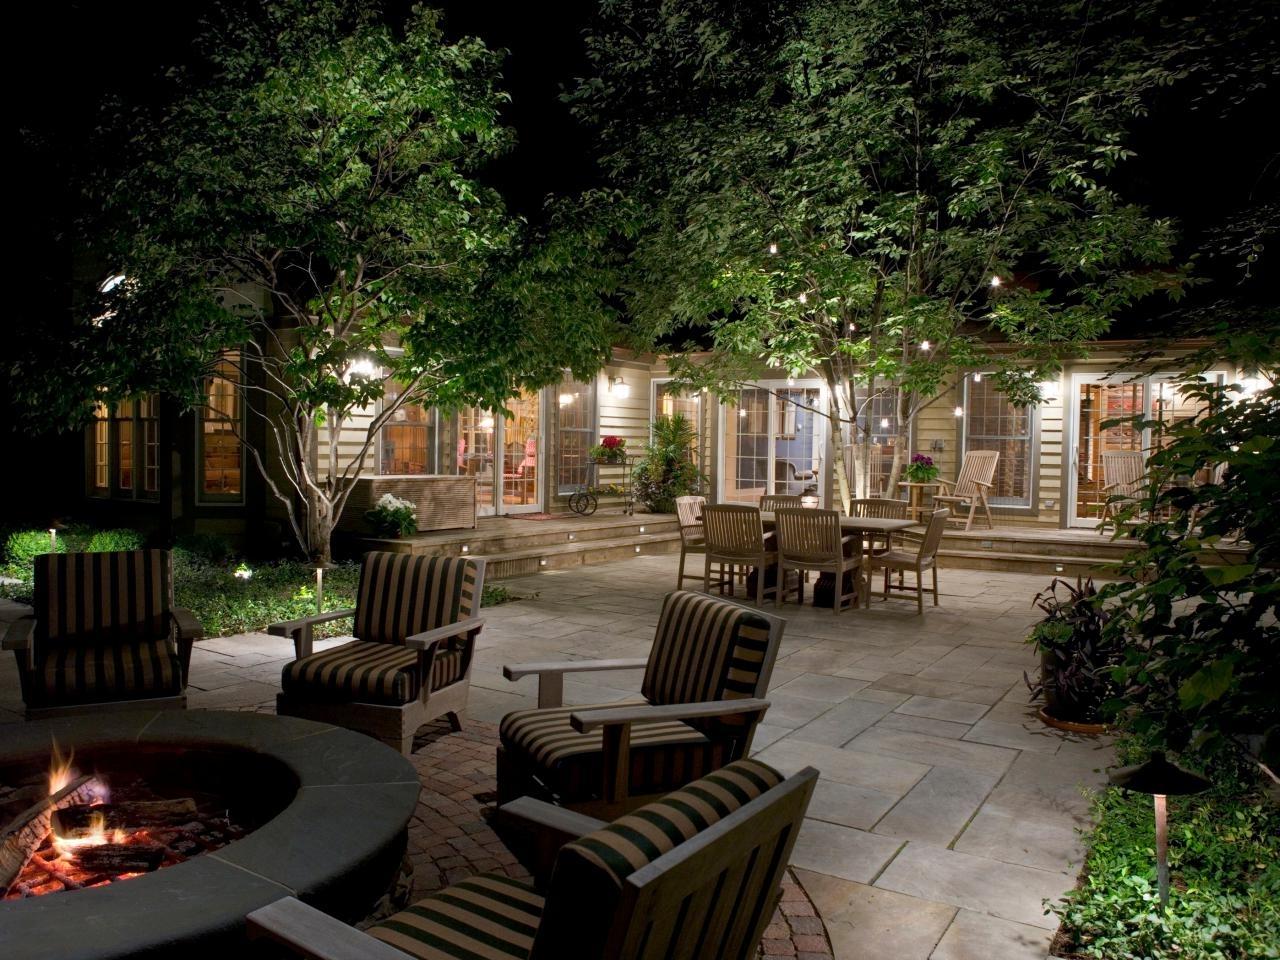 Hgtv Inside Outdoor Hanging Garden Lights (View 11 of 20)